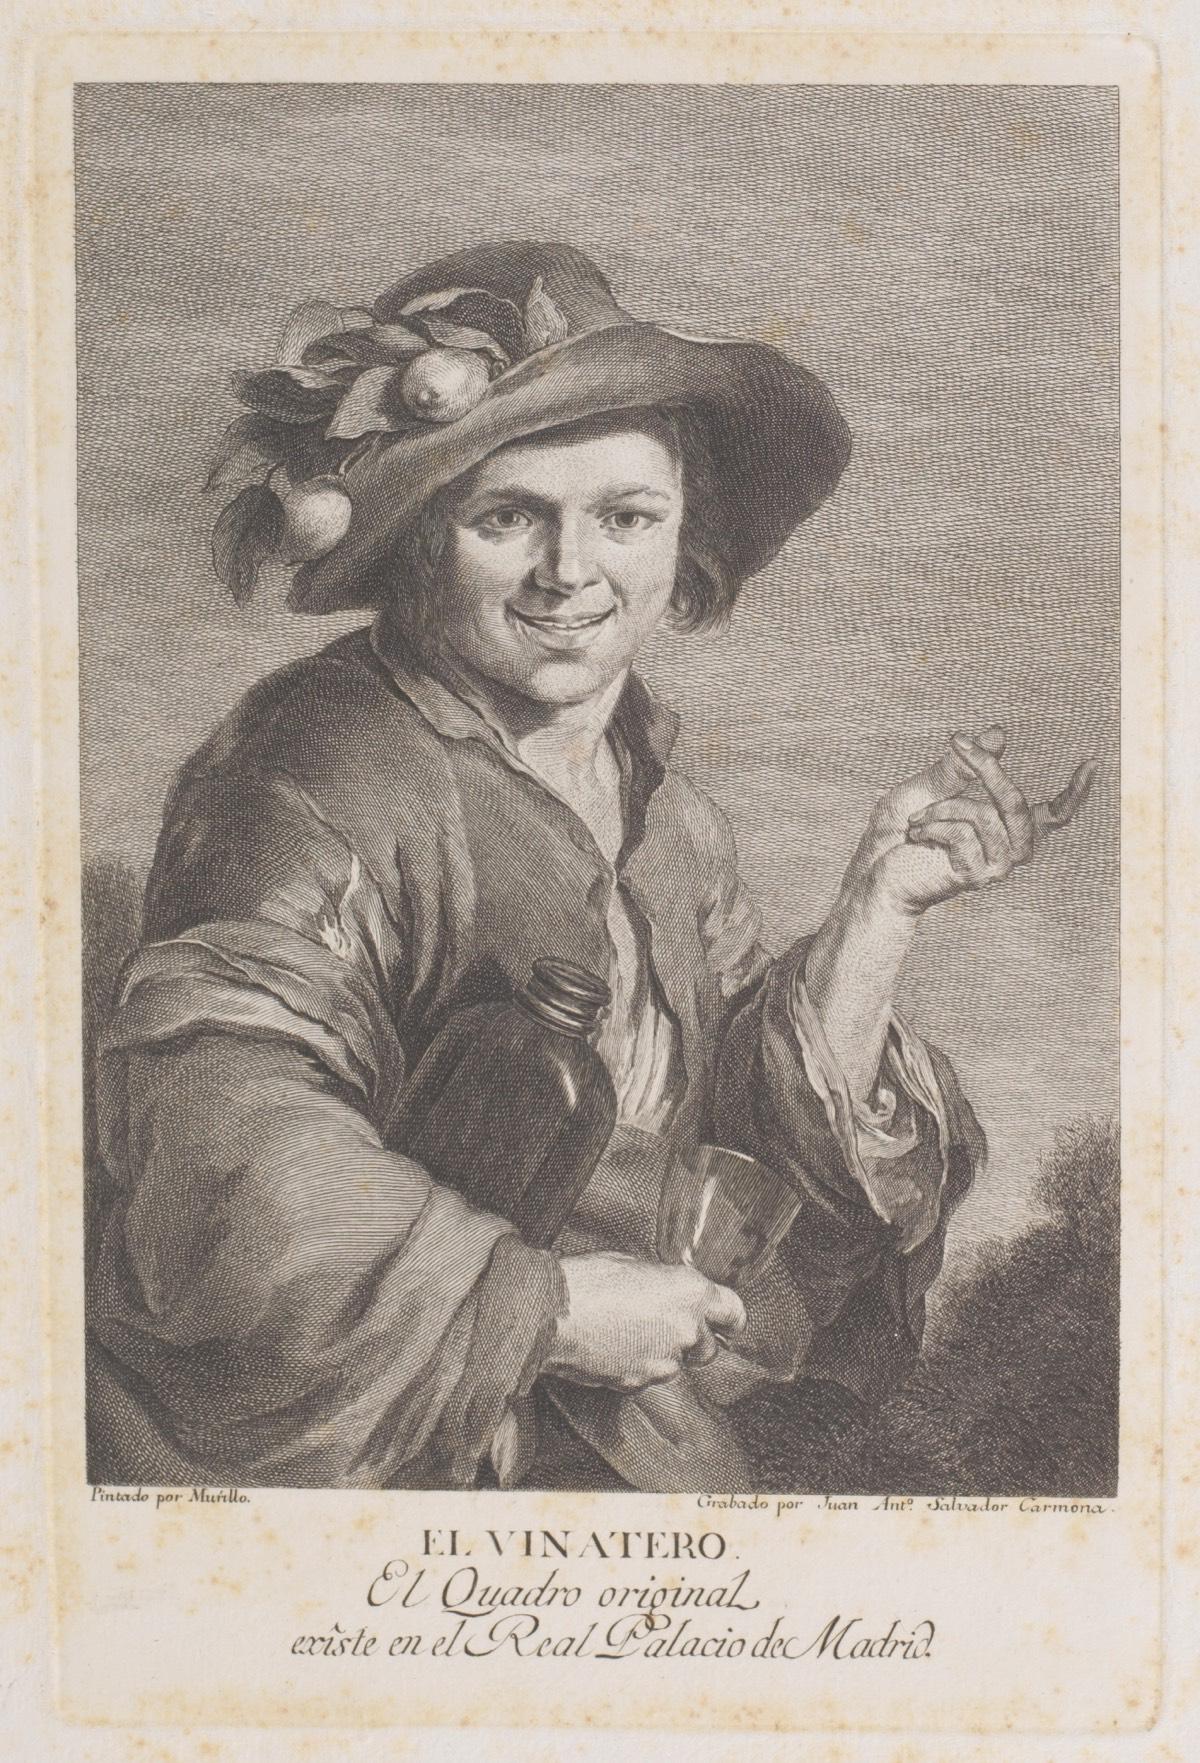 Salvador Carmona, Juan Antonio